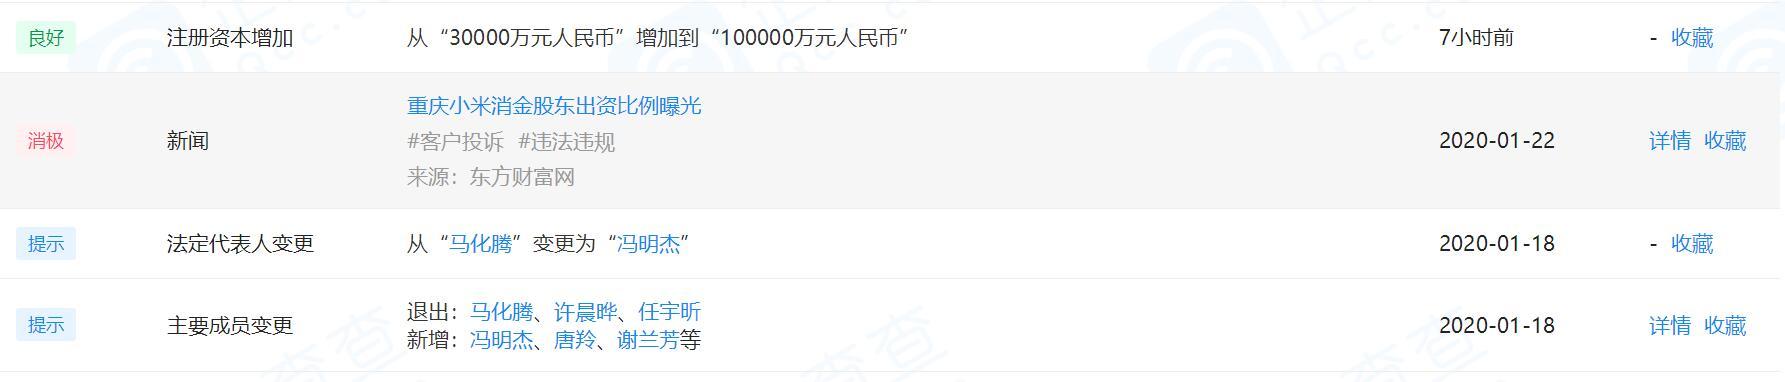 QQ截图20200325170026.jpg